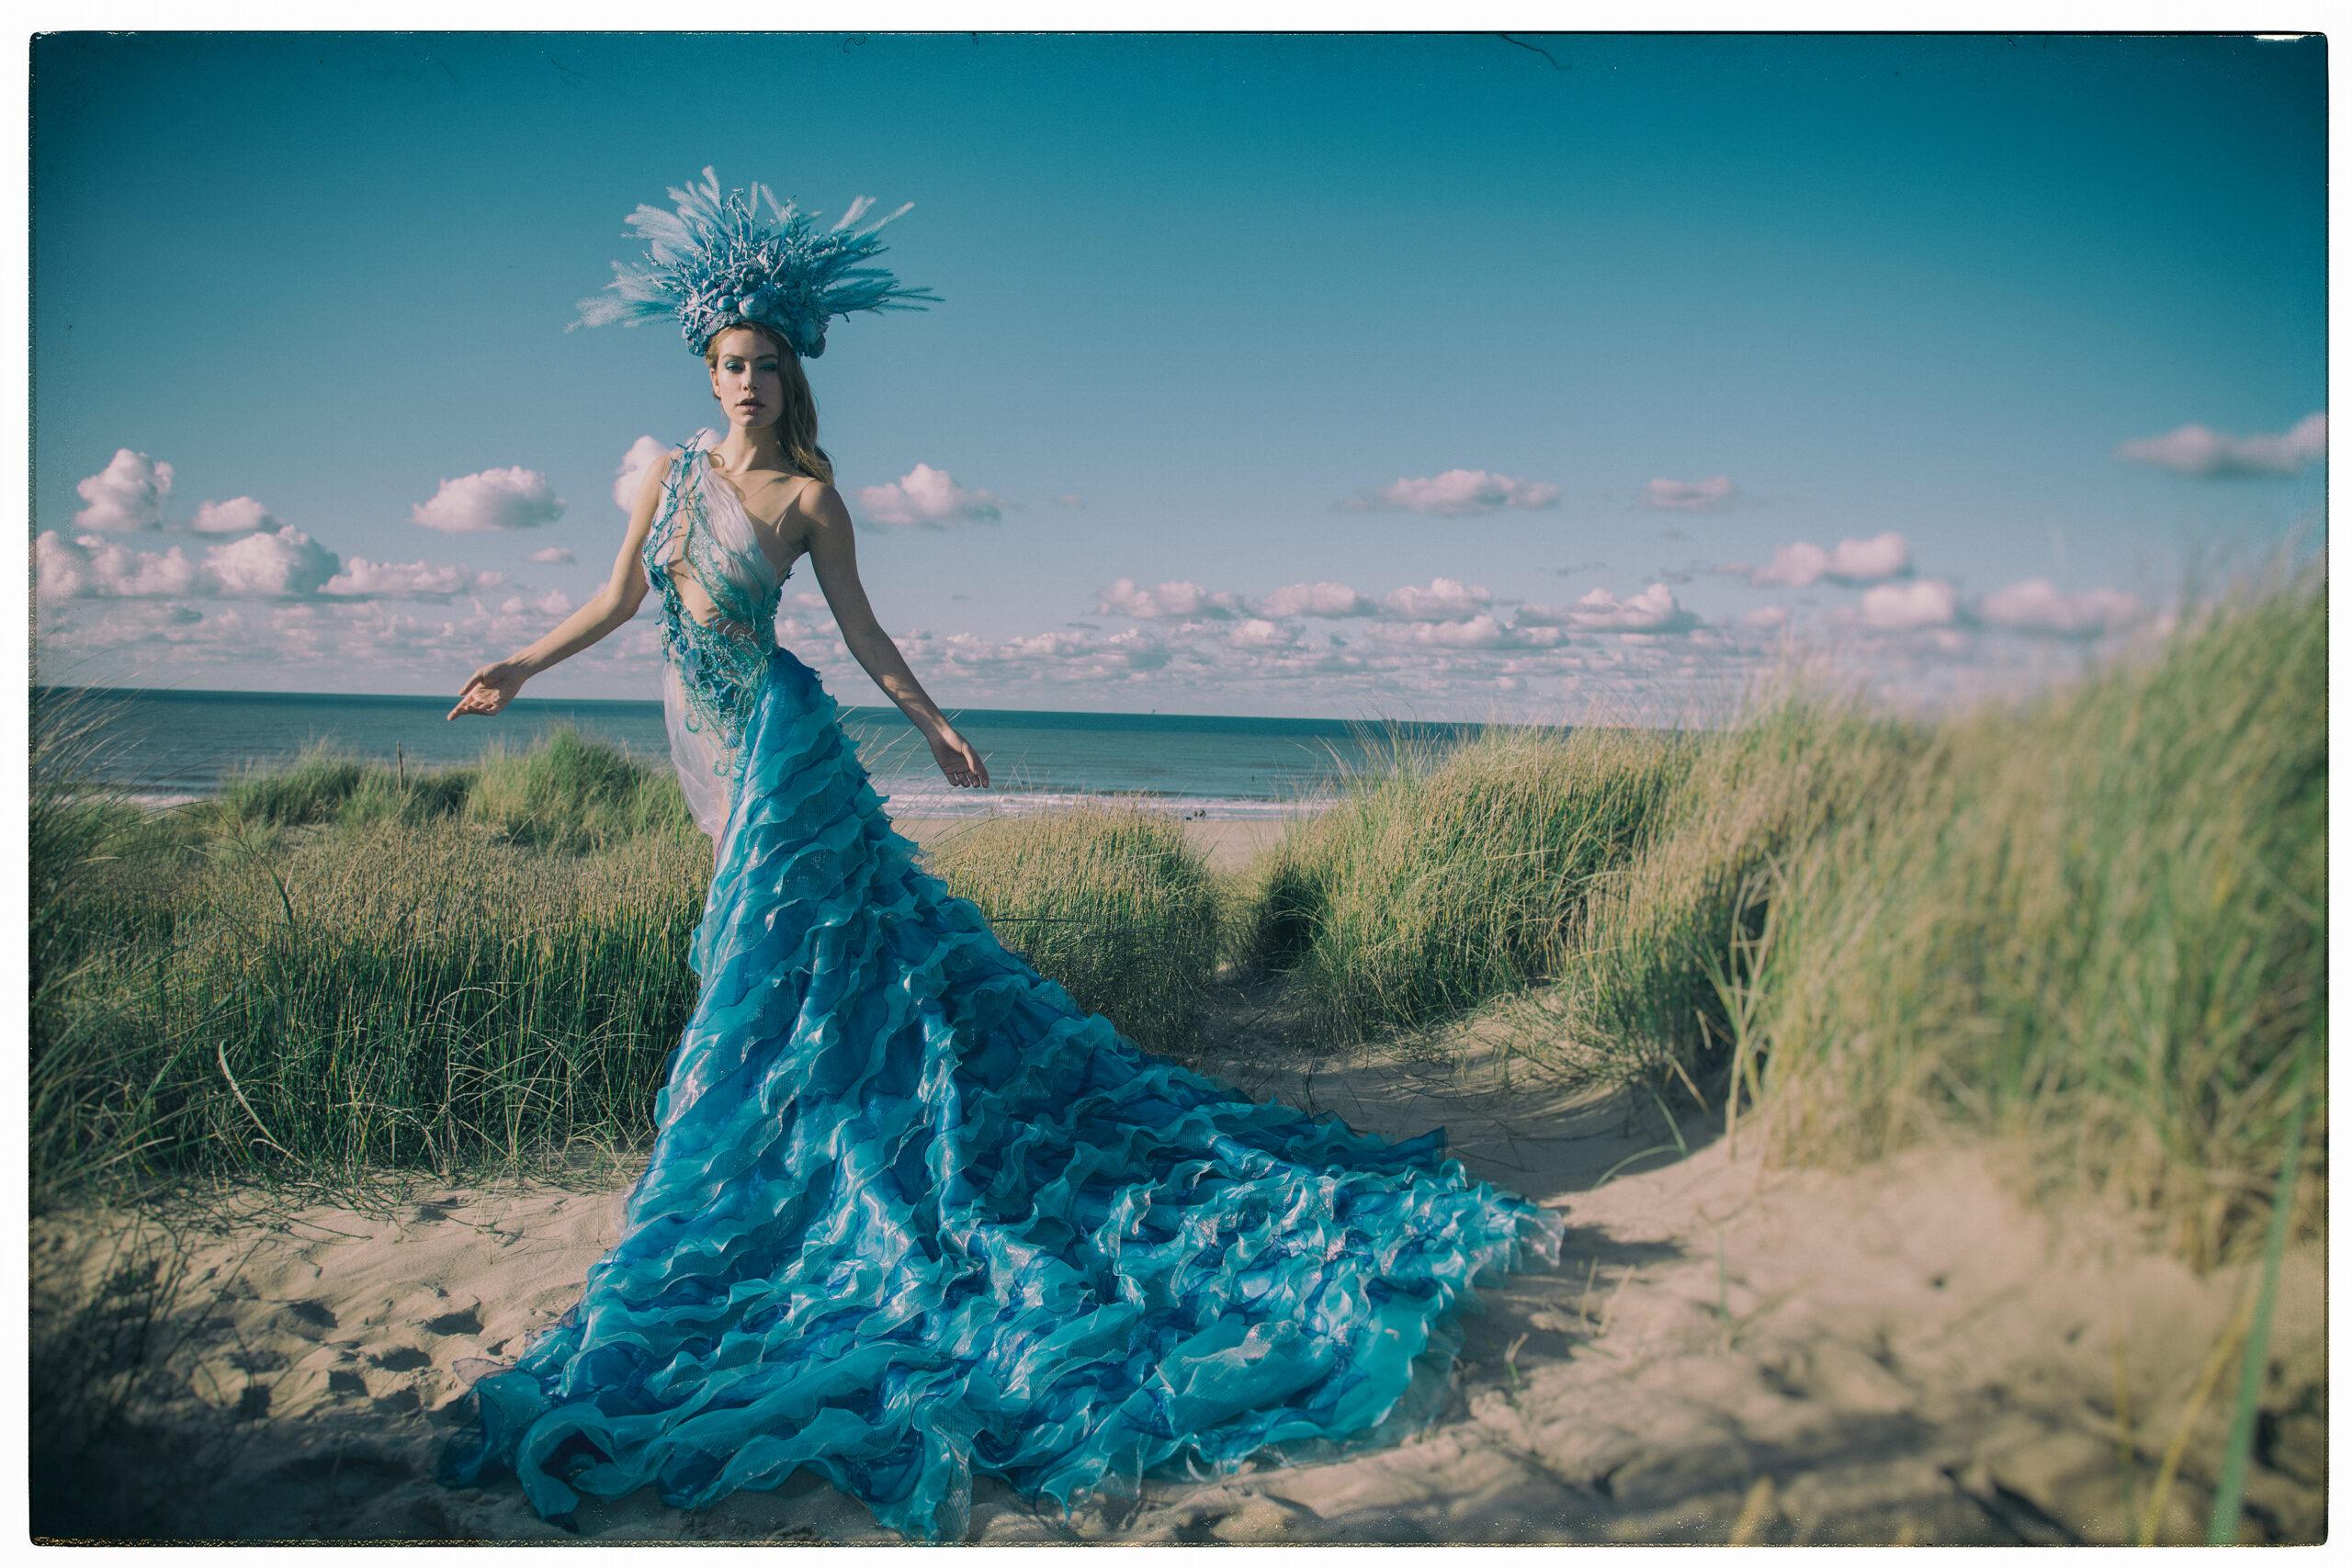 Sharon Pieksma vertegenwoordigt Nederland @ Miss Universe